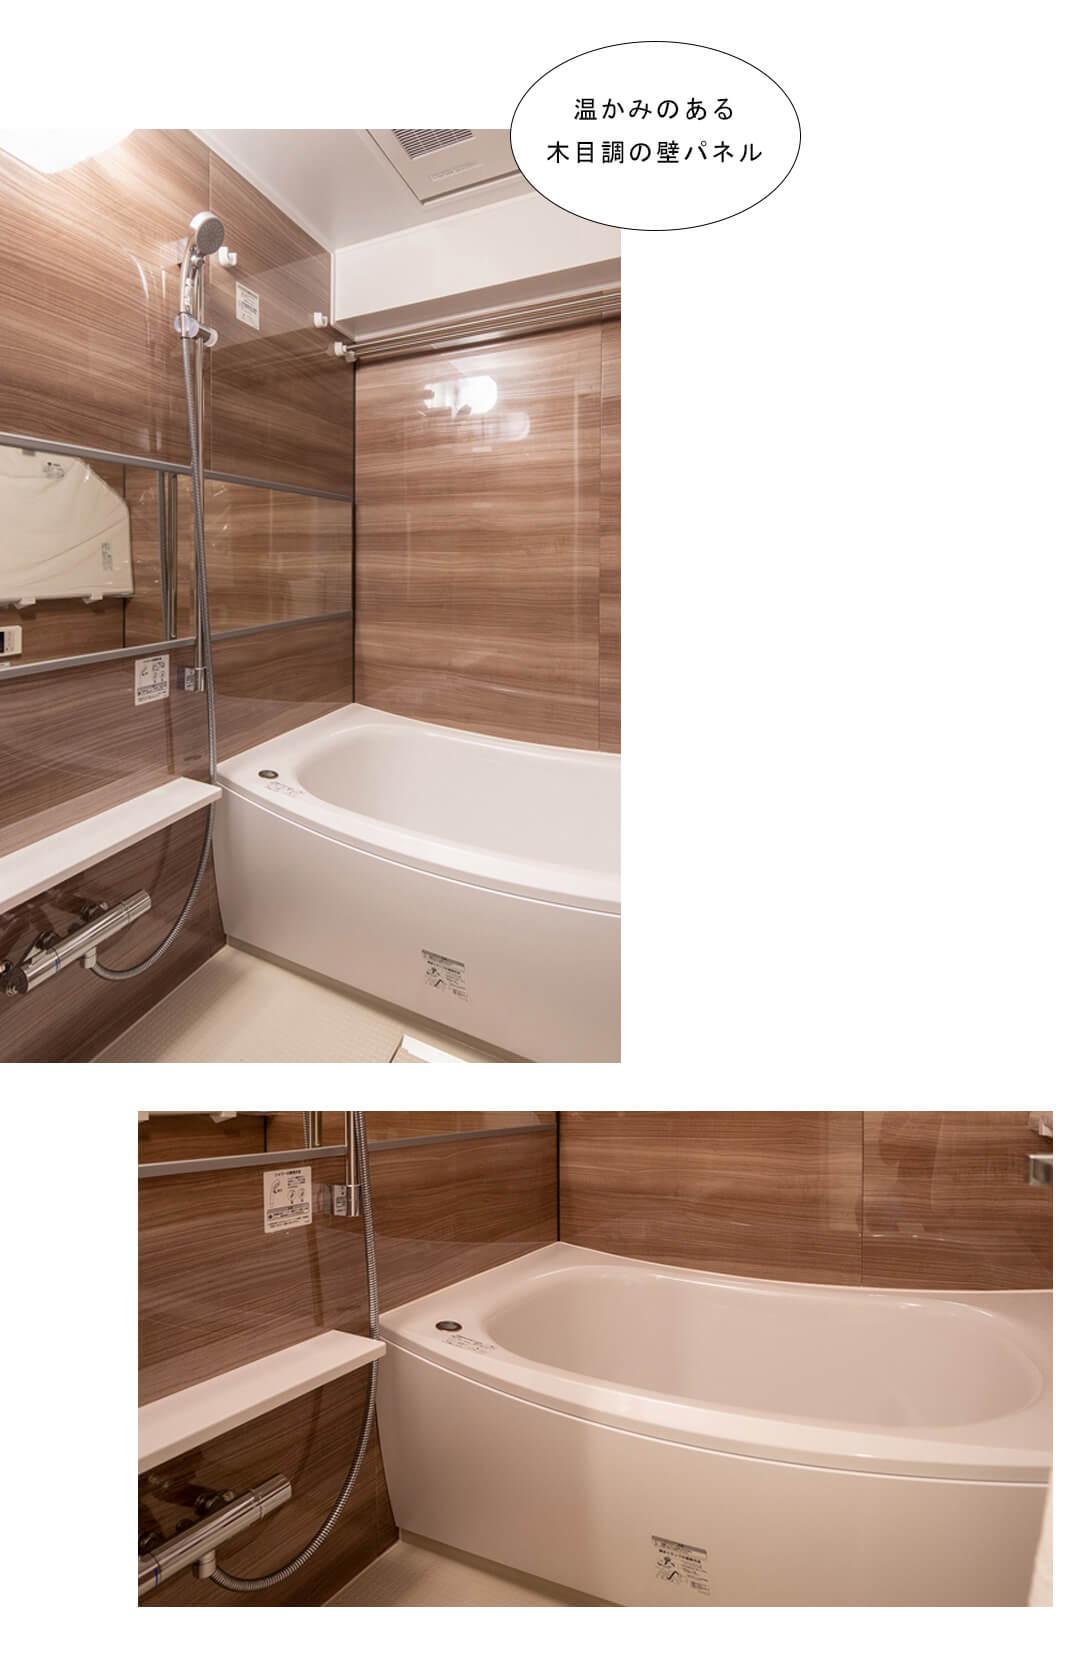 ベルメゾン浅草橋の浴室